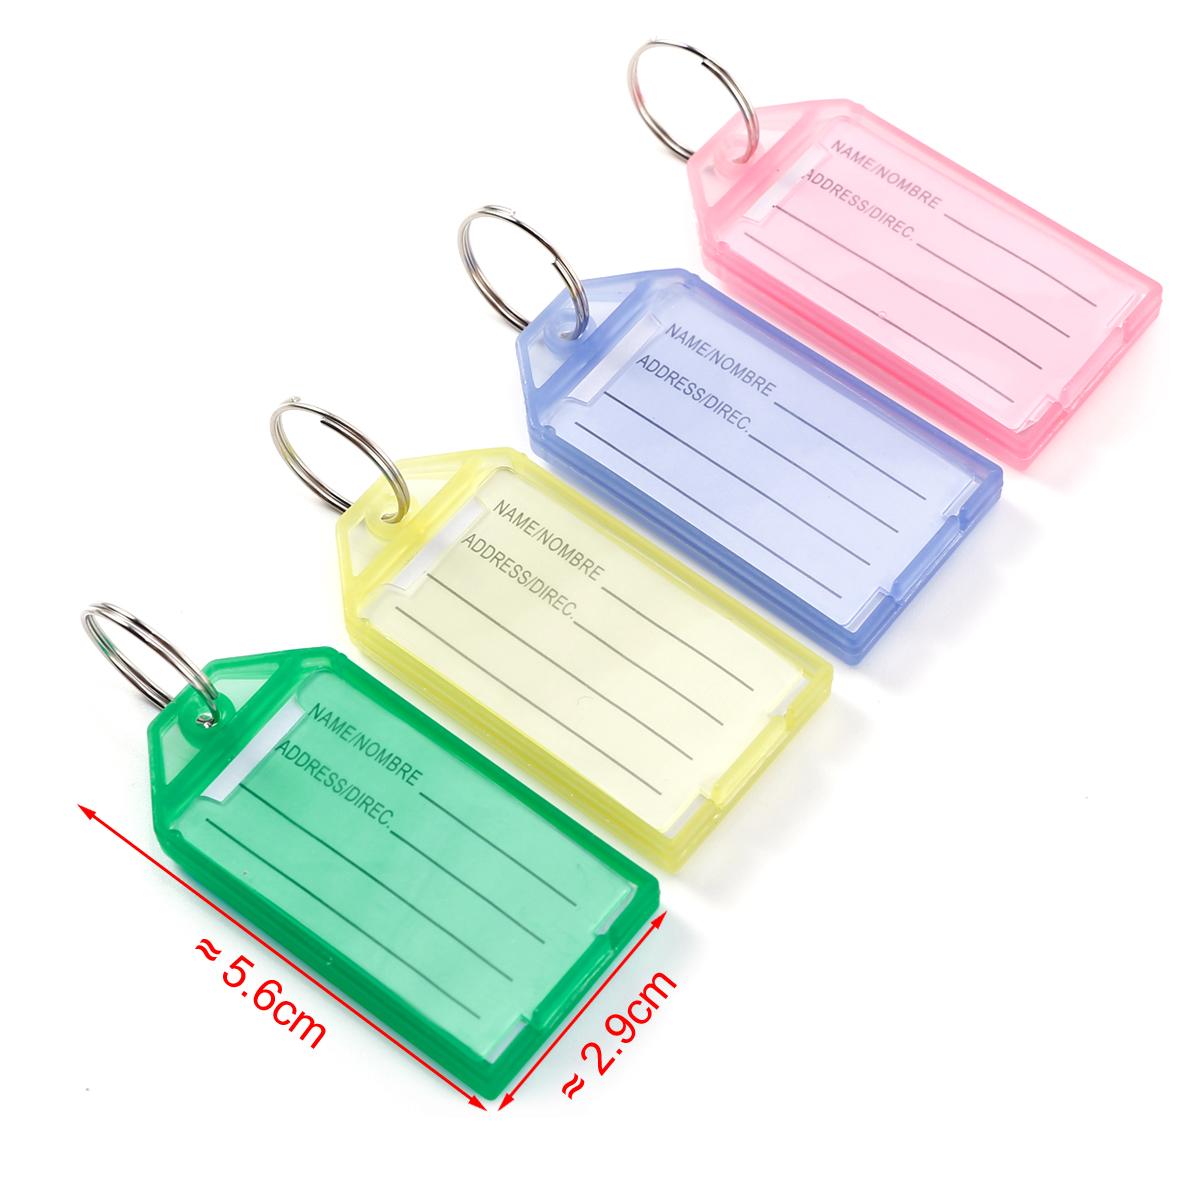 bunt Schlüsselschilder mit Etiketten Schlüsselanhänger zum Beschriften 60 Stk